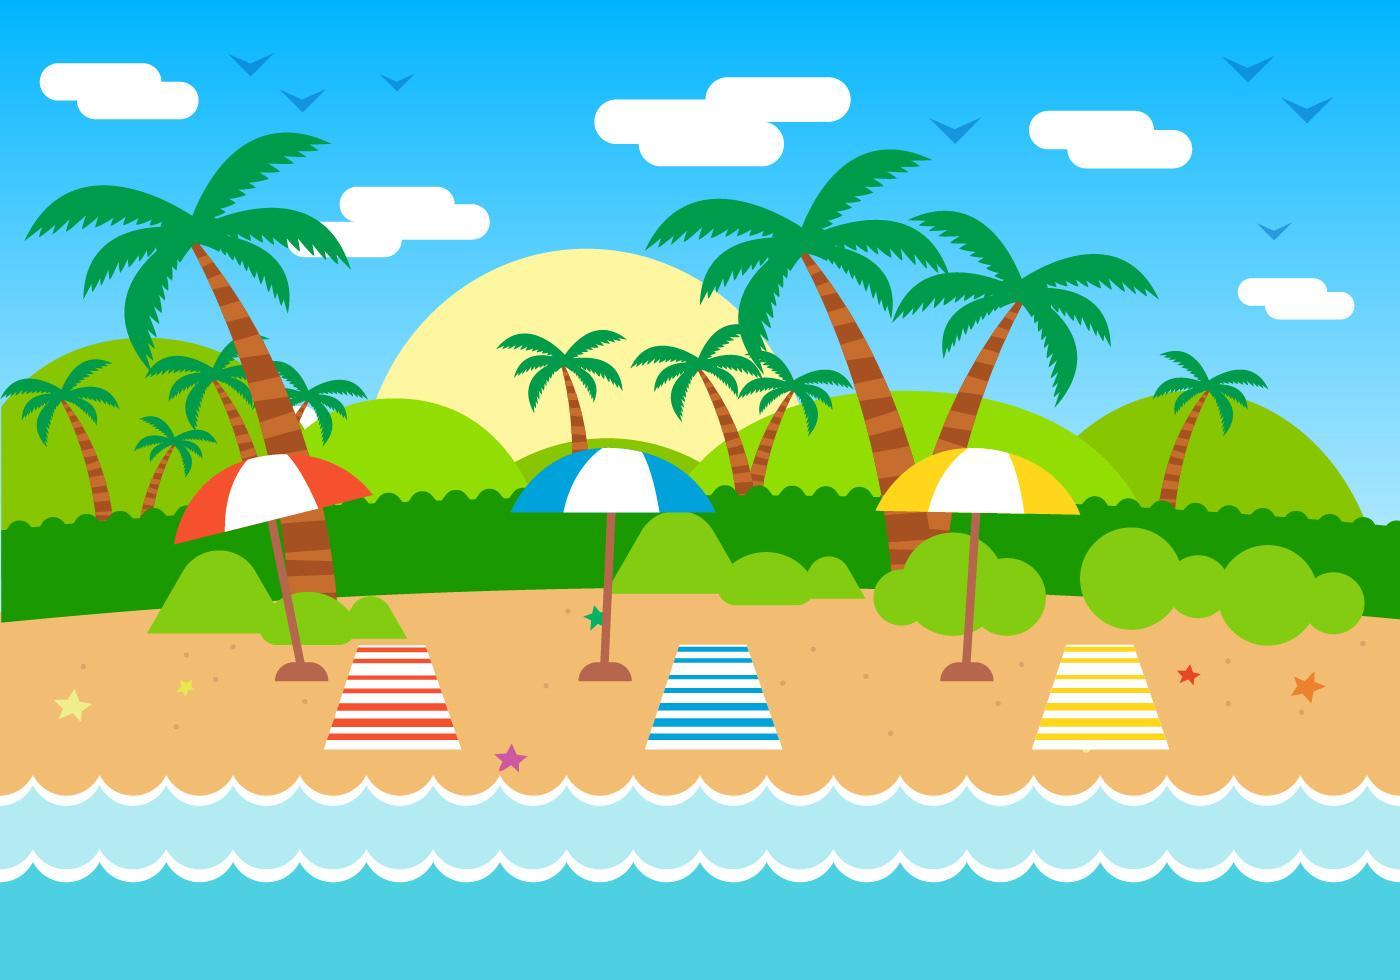 free-summer-vector-illustration